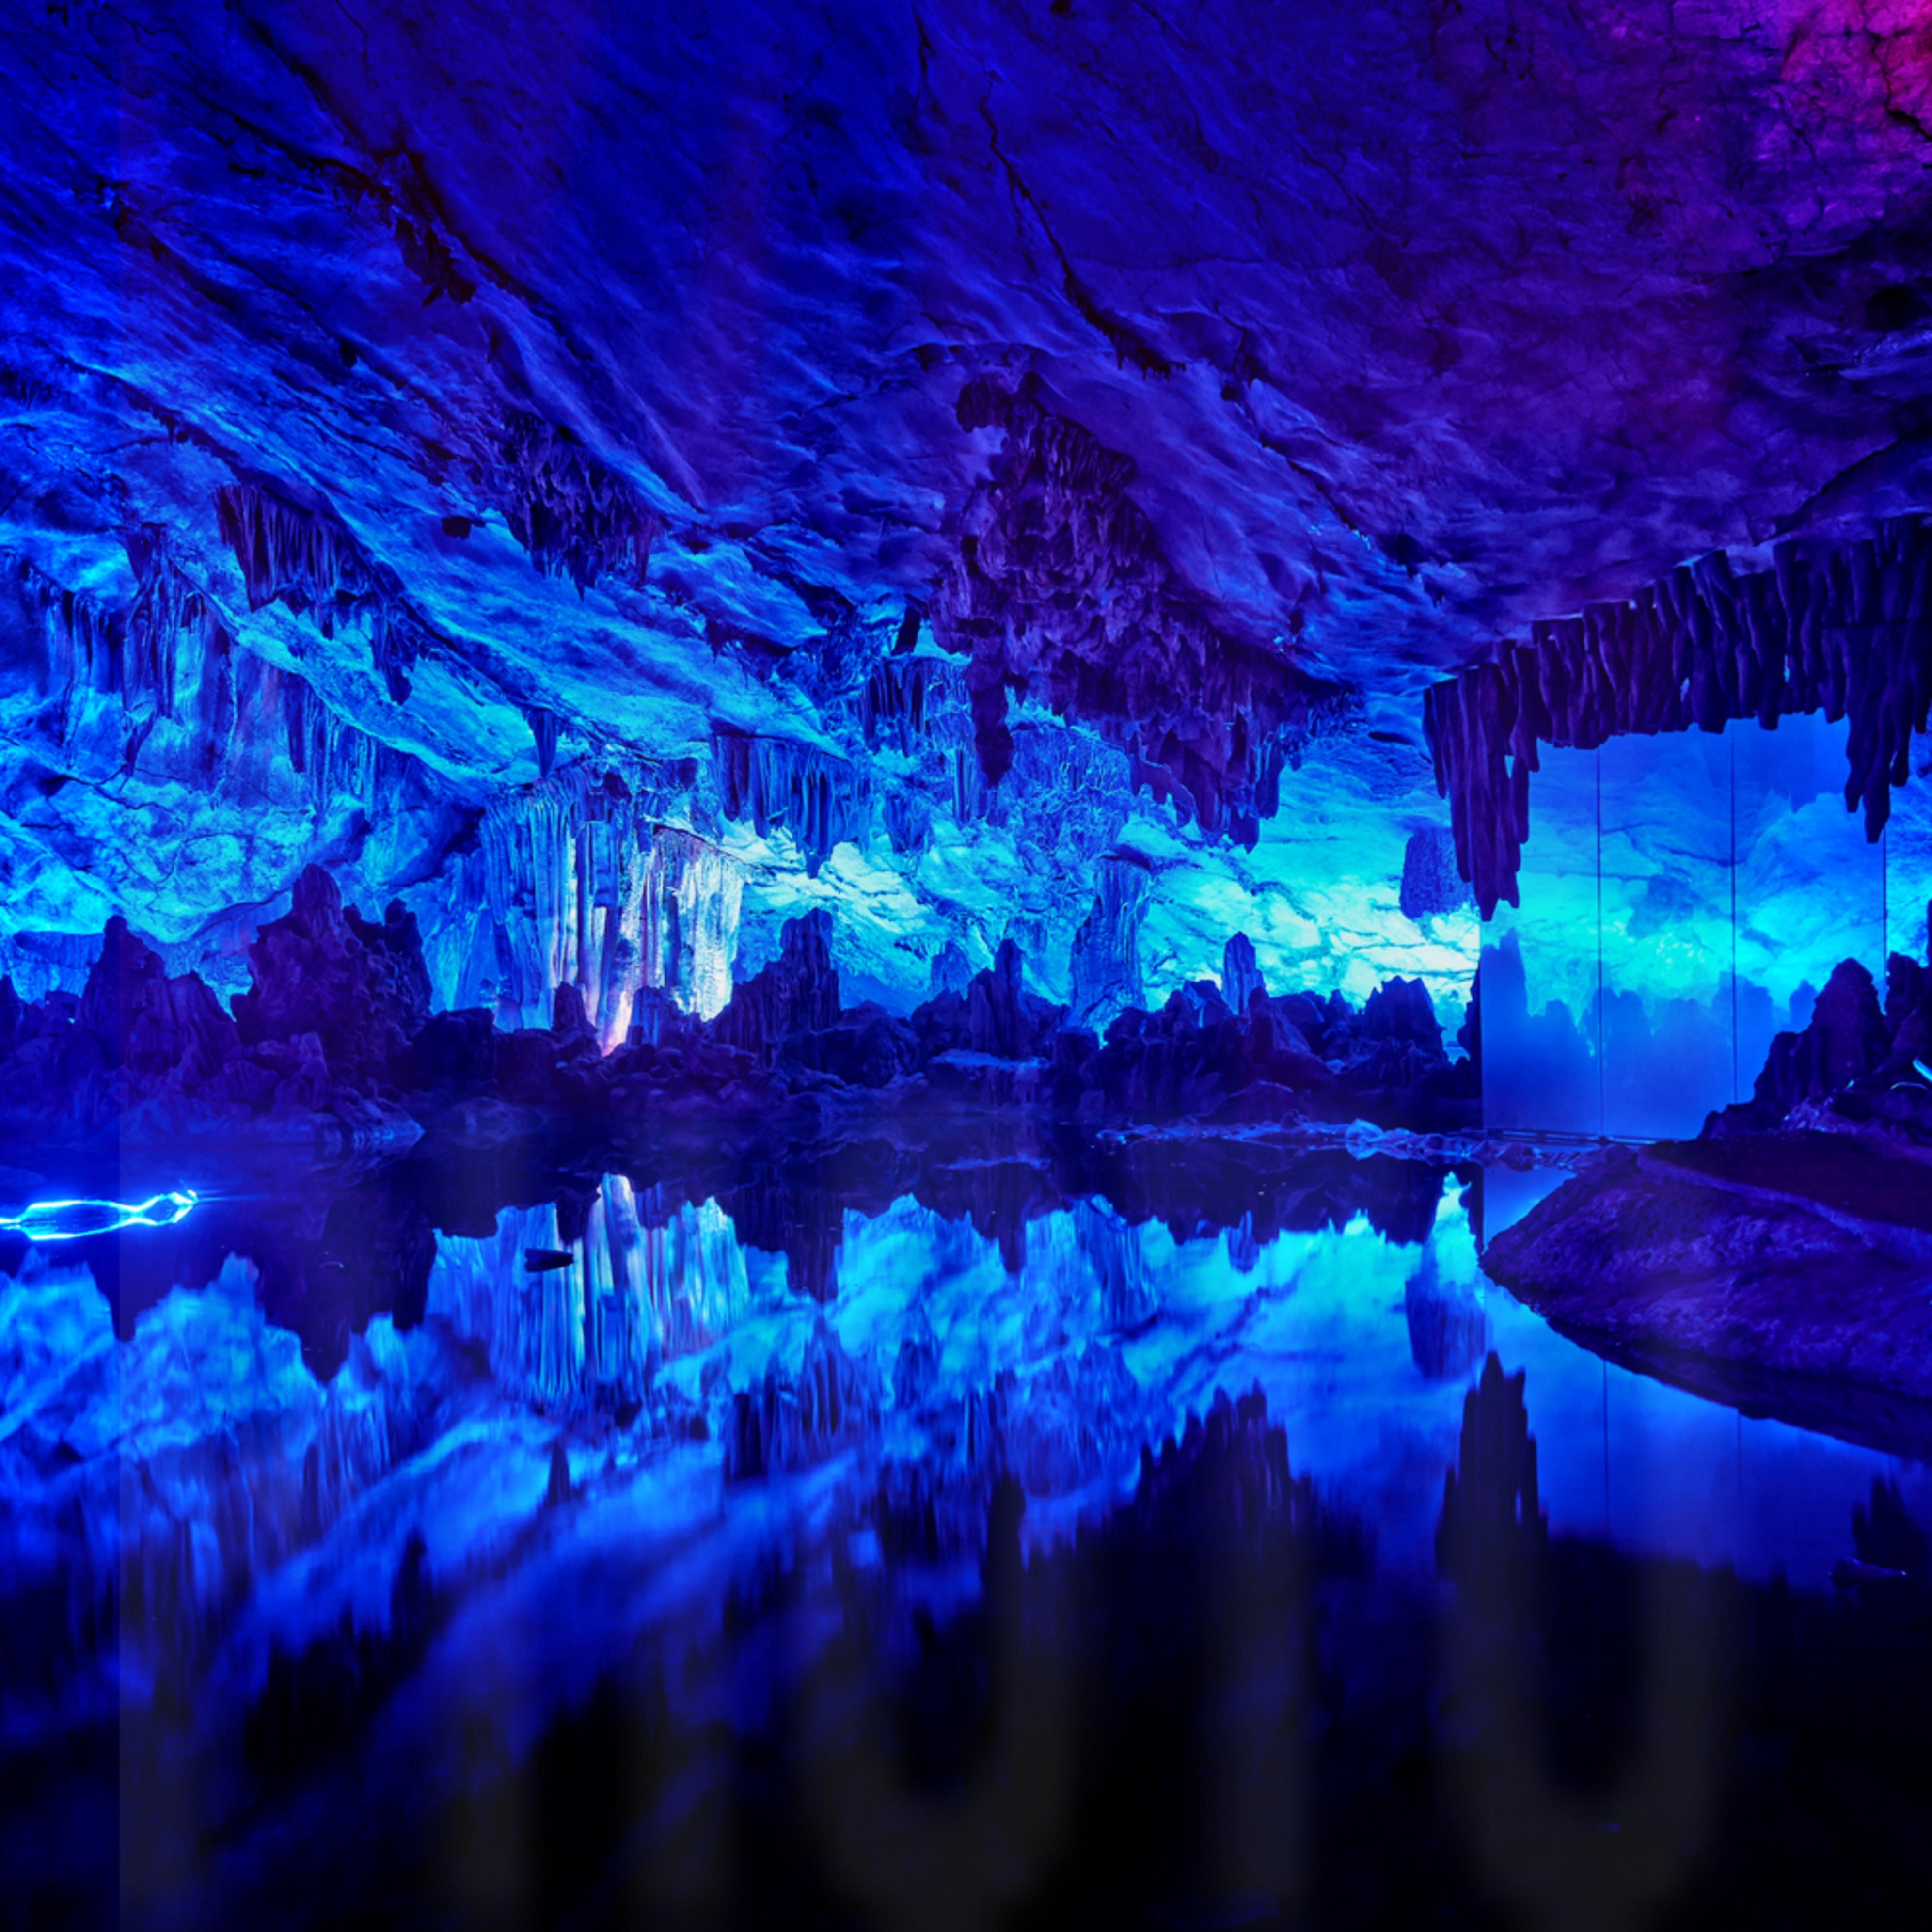 Reed flute cave %e7%9b%a7%e7%ac%9b%e5%b2%a9 blue light reflection xiiiab